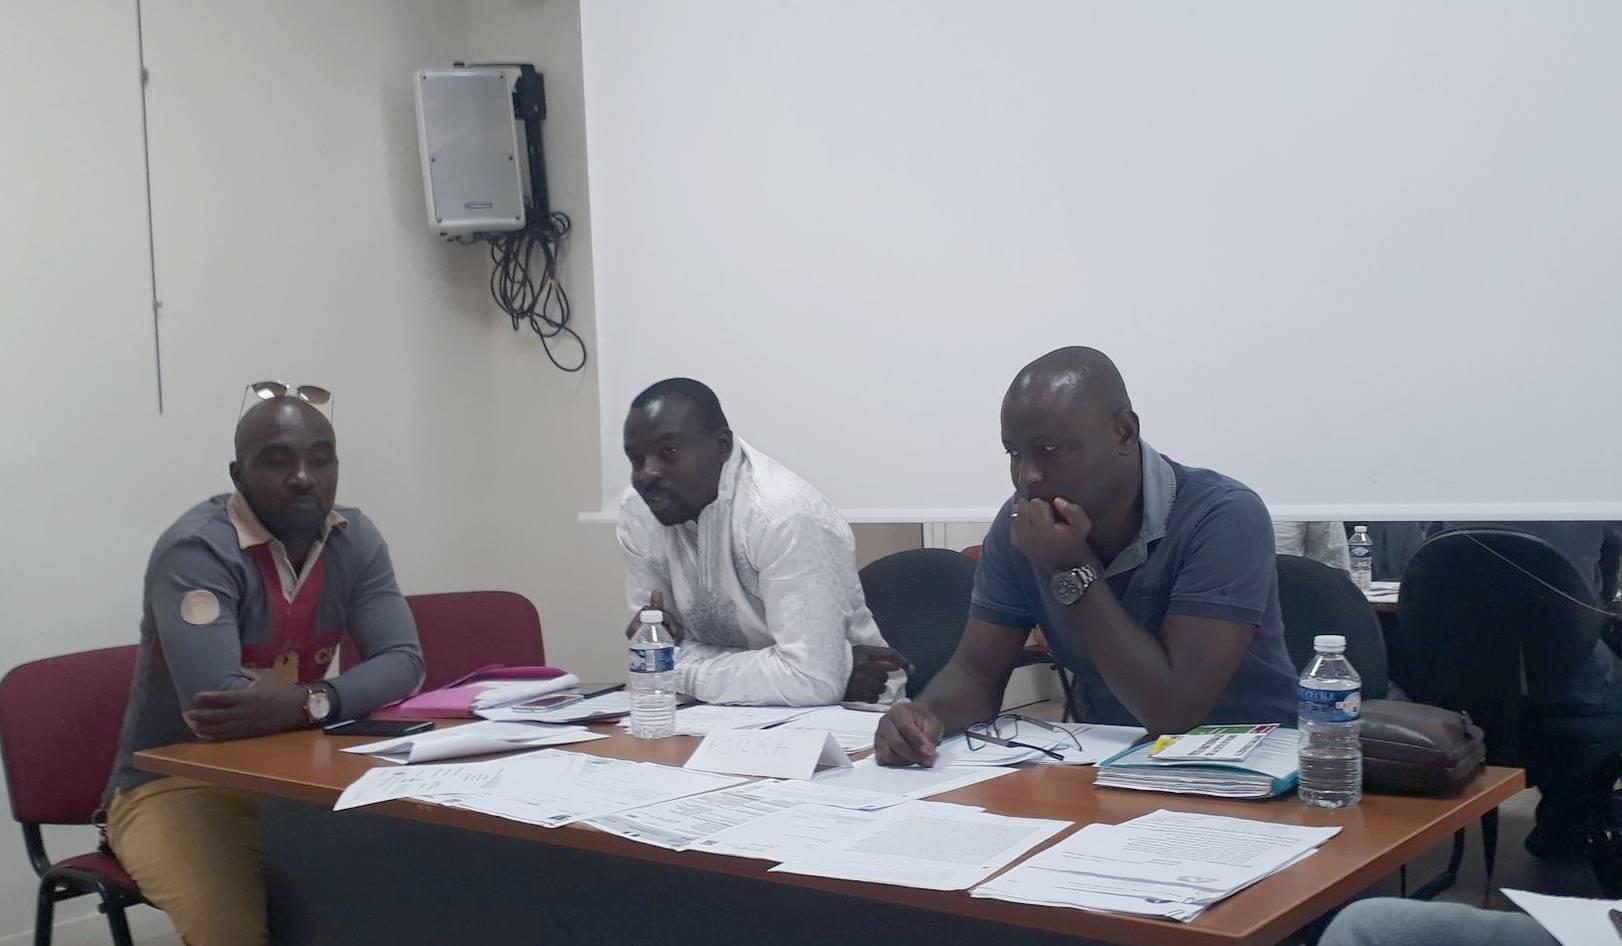 [COTE D'IVOIRE] La gestion de Clément Kipré à la tête de l'AJILRA gravement mise en cause lors de l'AG du 3 septembre 2017